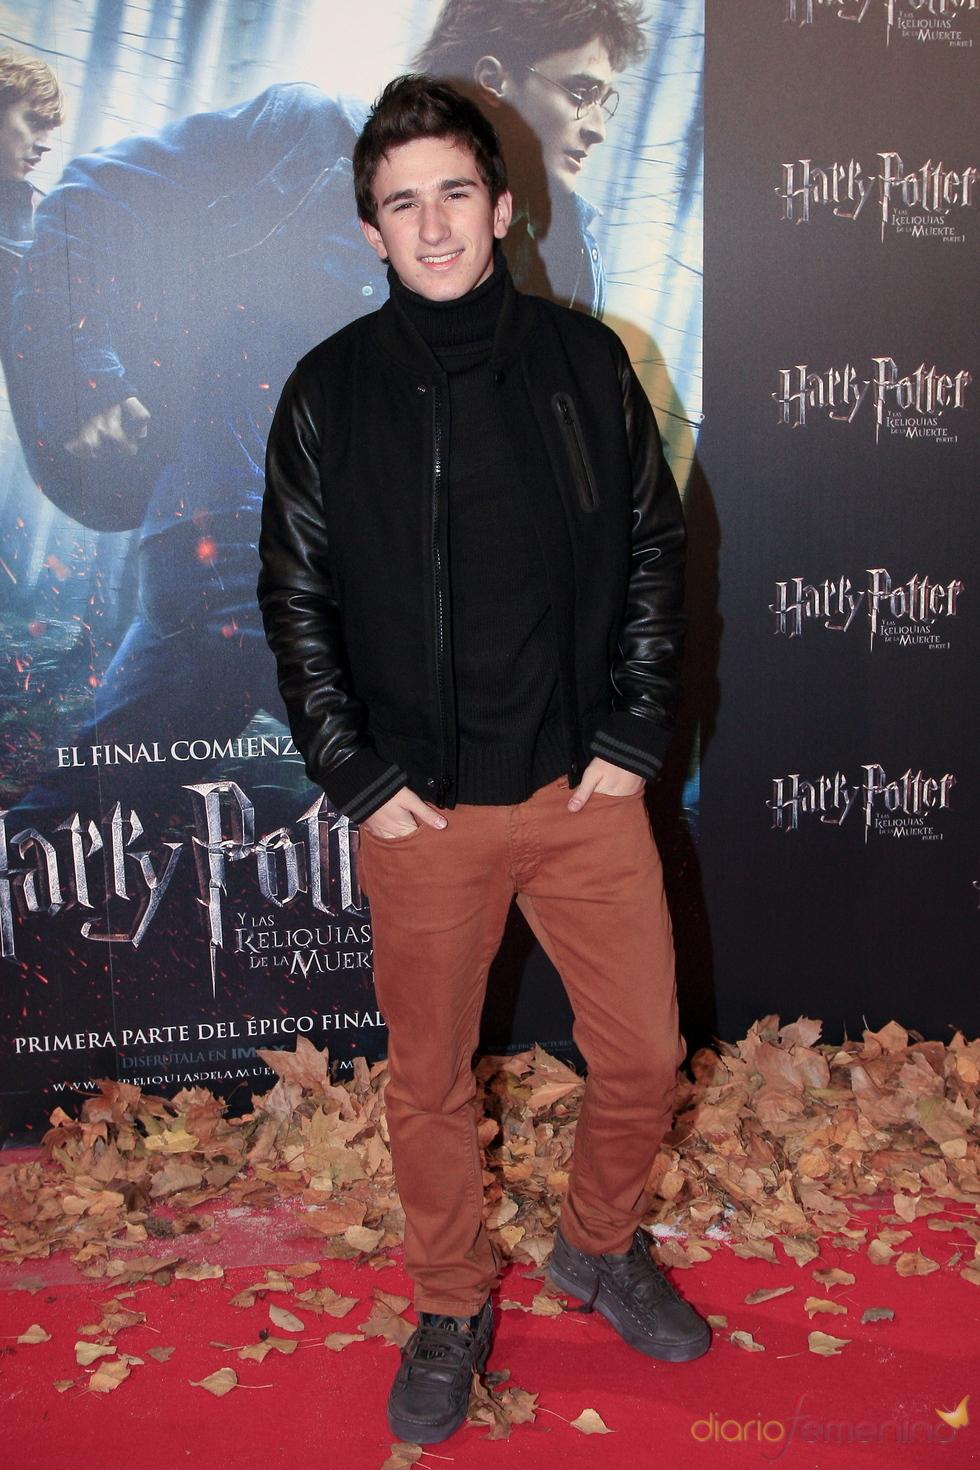 Estreno de 'Harry Potter y las reliquias de la muerte' con David Castillo